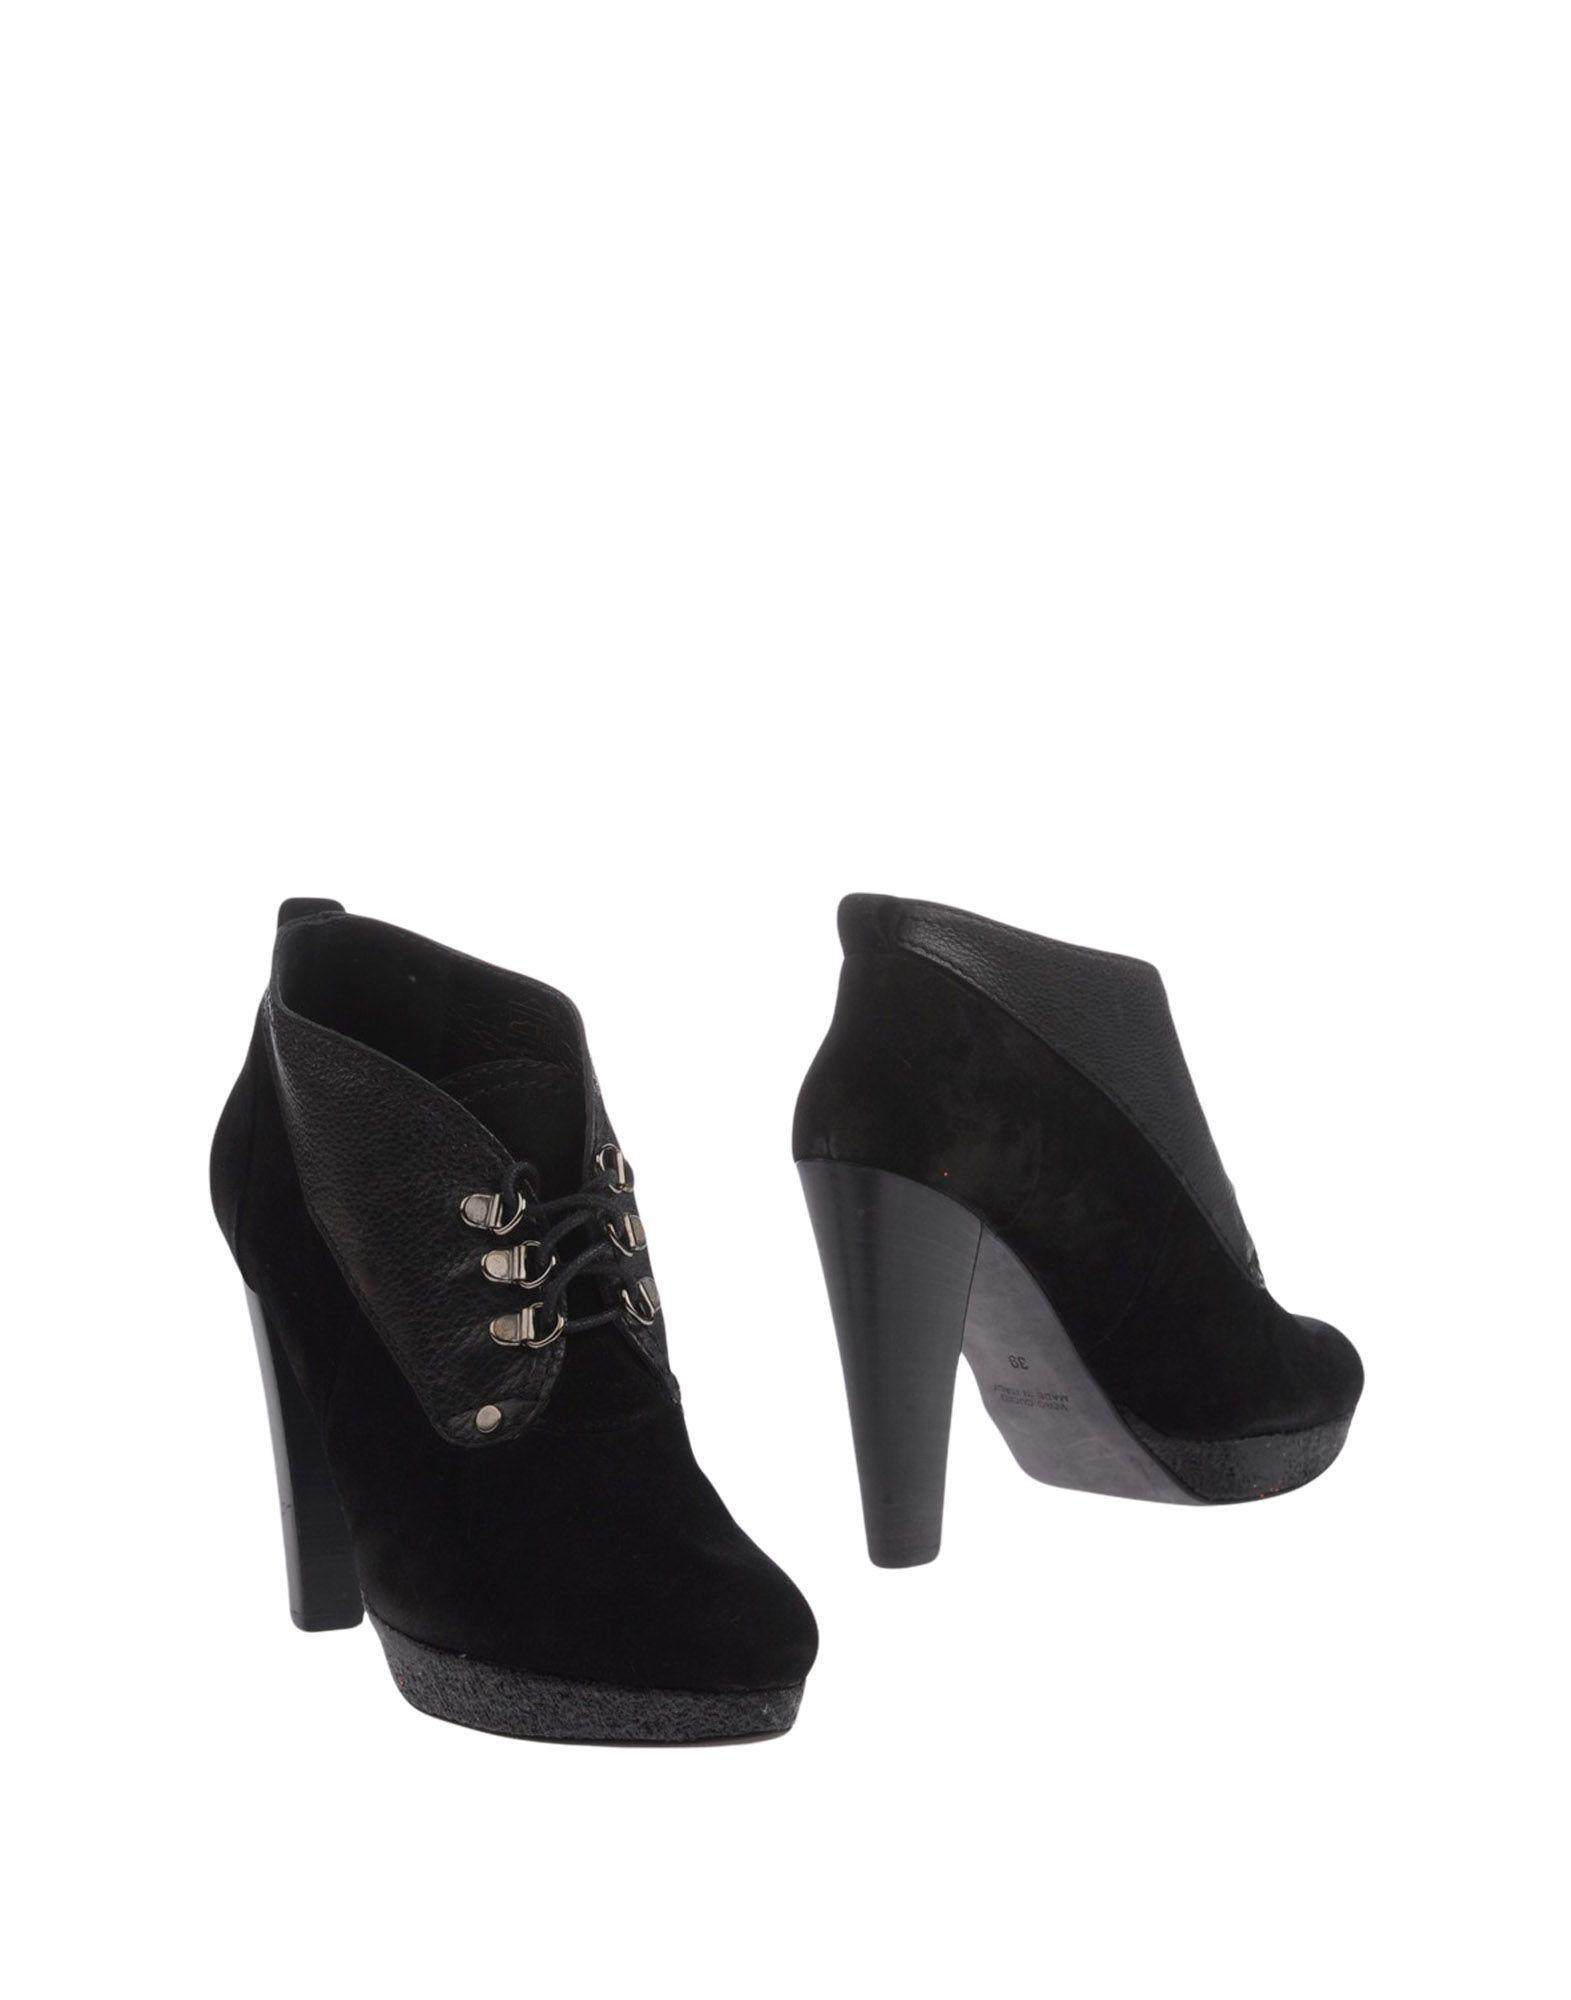 Stilvolle billige Schuhe Damen I'm Isola Marras Stiefelette Damen Schuhe  11237555IV cb73dd